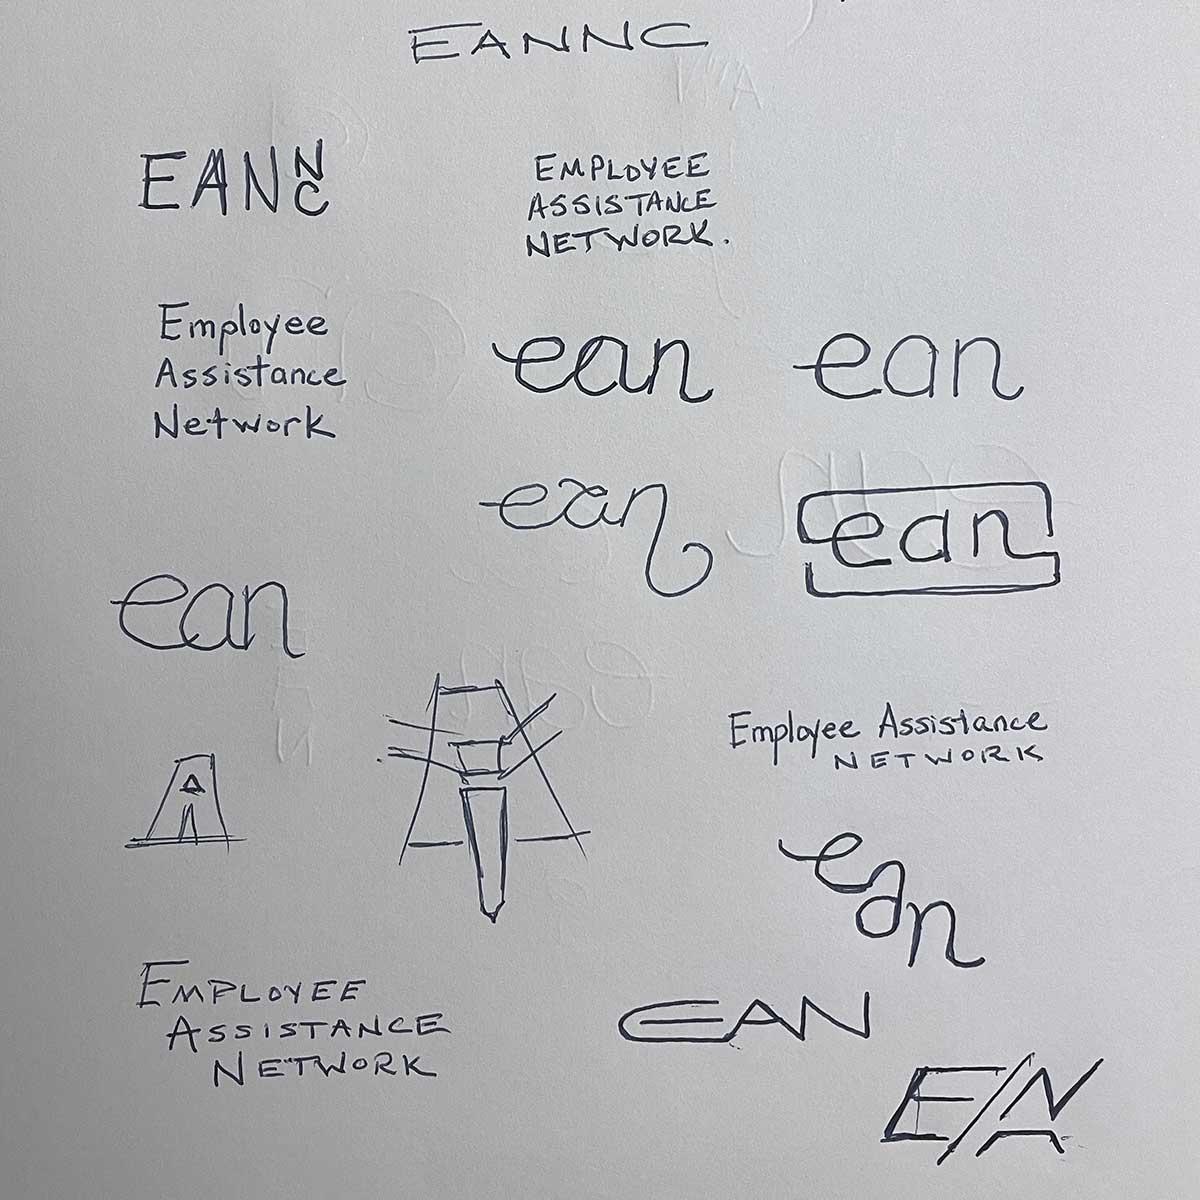 EANNC sketches